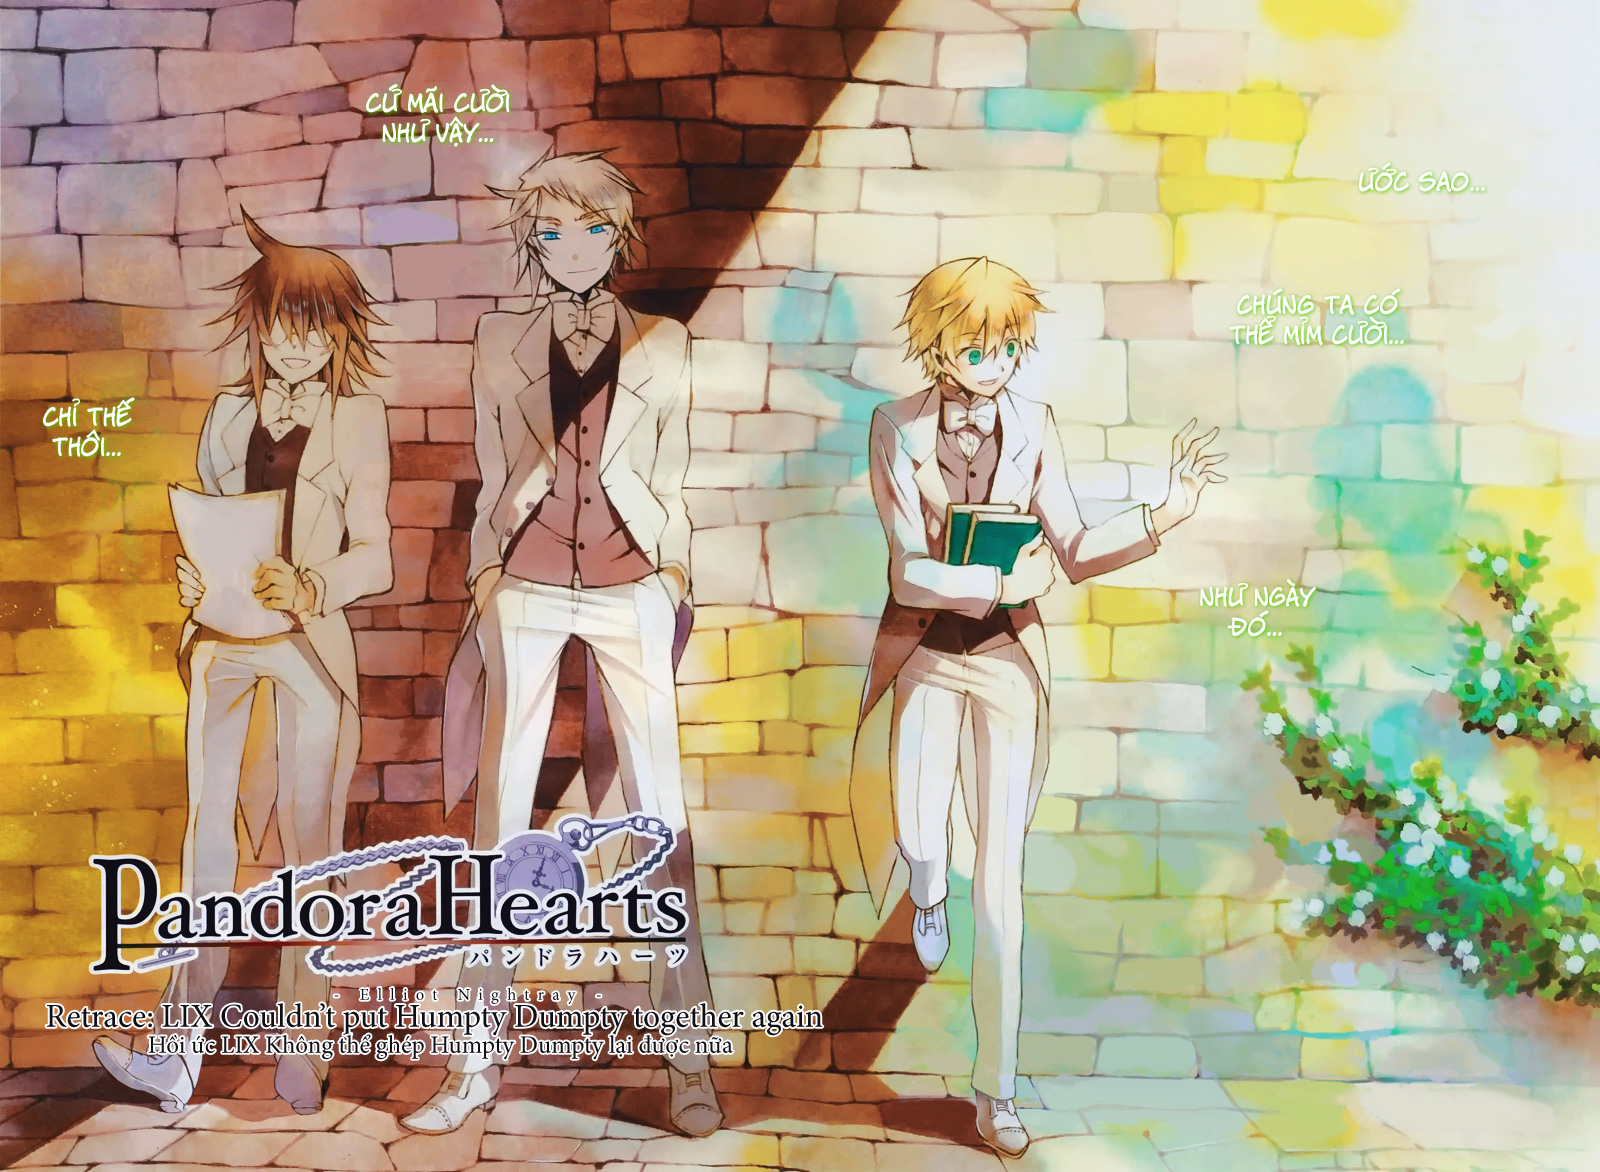 Pandora Hearts chương 059 - retrace: lix couldn't put humpty dumpty together again trang 3